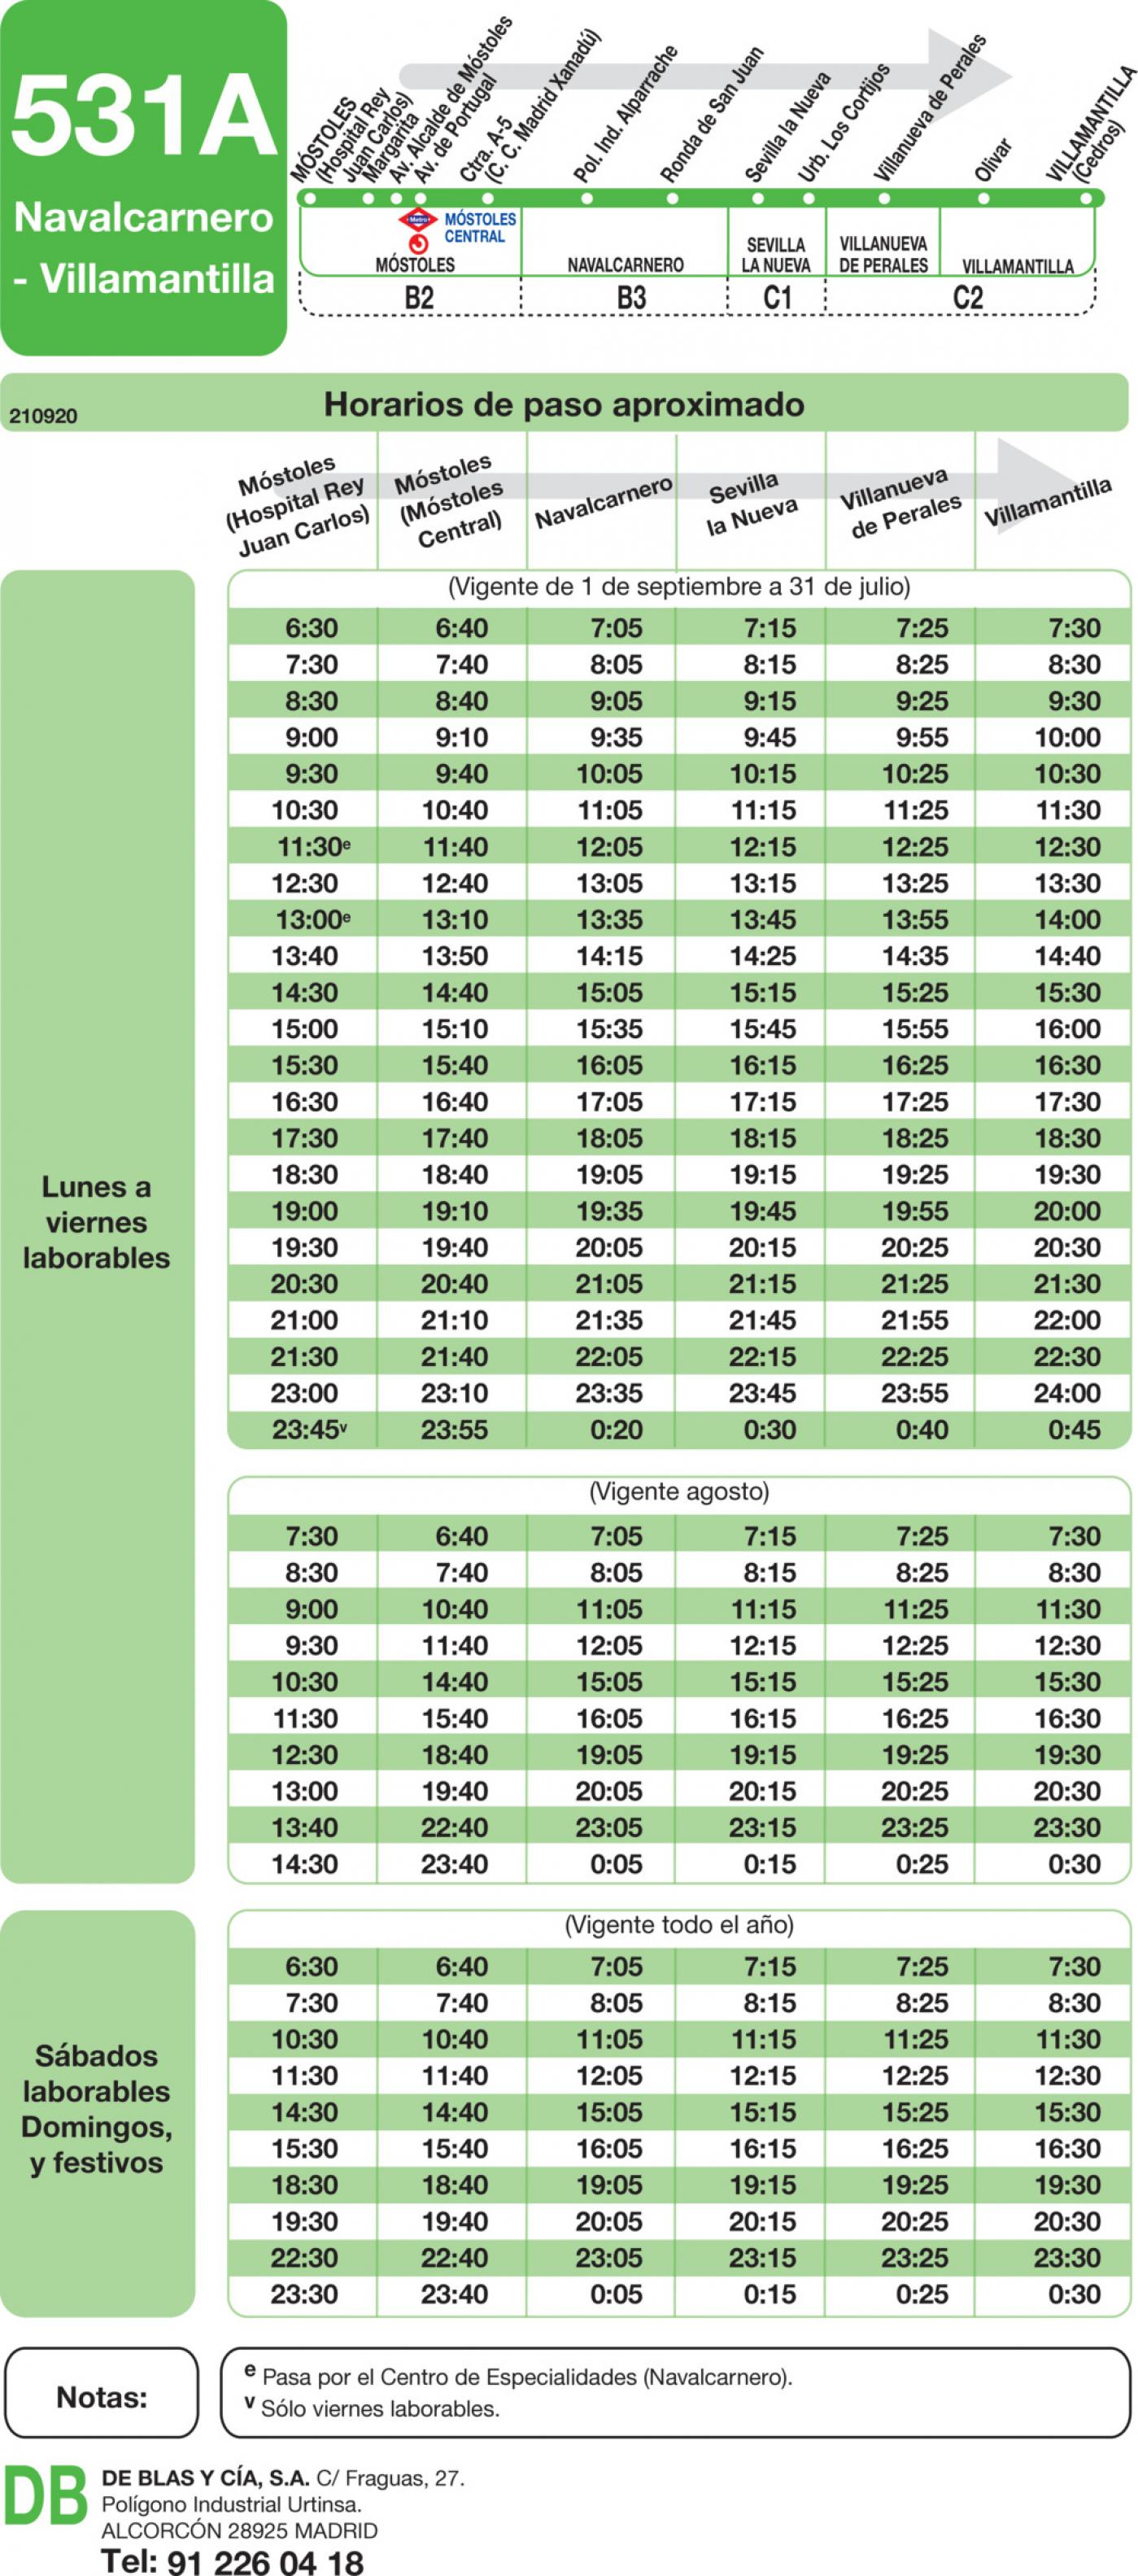 Tabla de horarios y frecuencias de paso en sentido ida Línea 531-A: Móstoles (Hospital) - Navalcarnero - Villamantilla